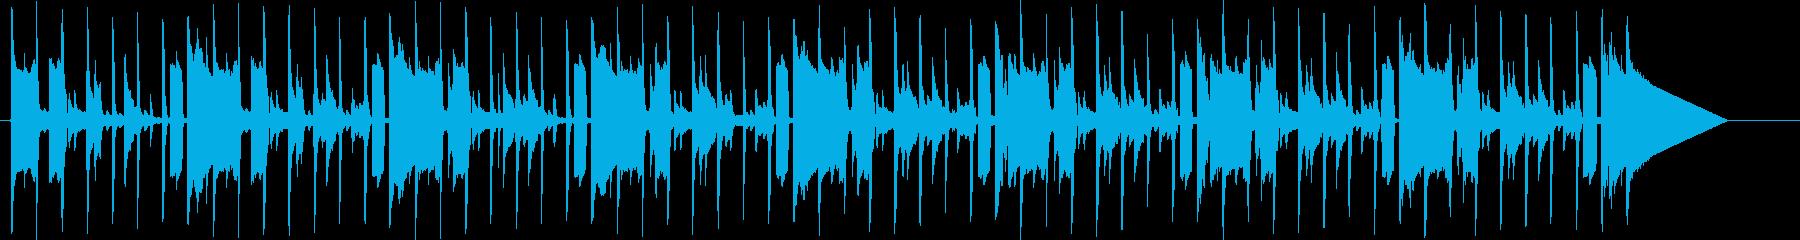 怪しげな雰囲気のBGMの再生済みの波形